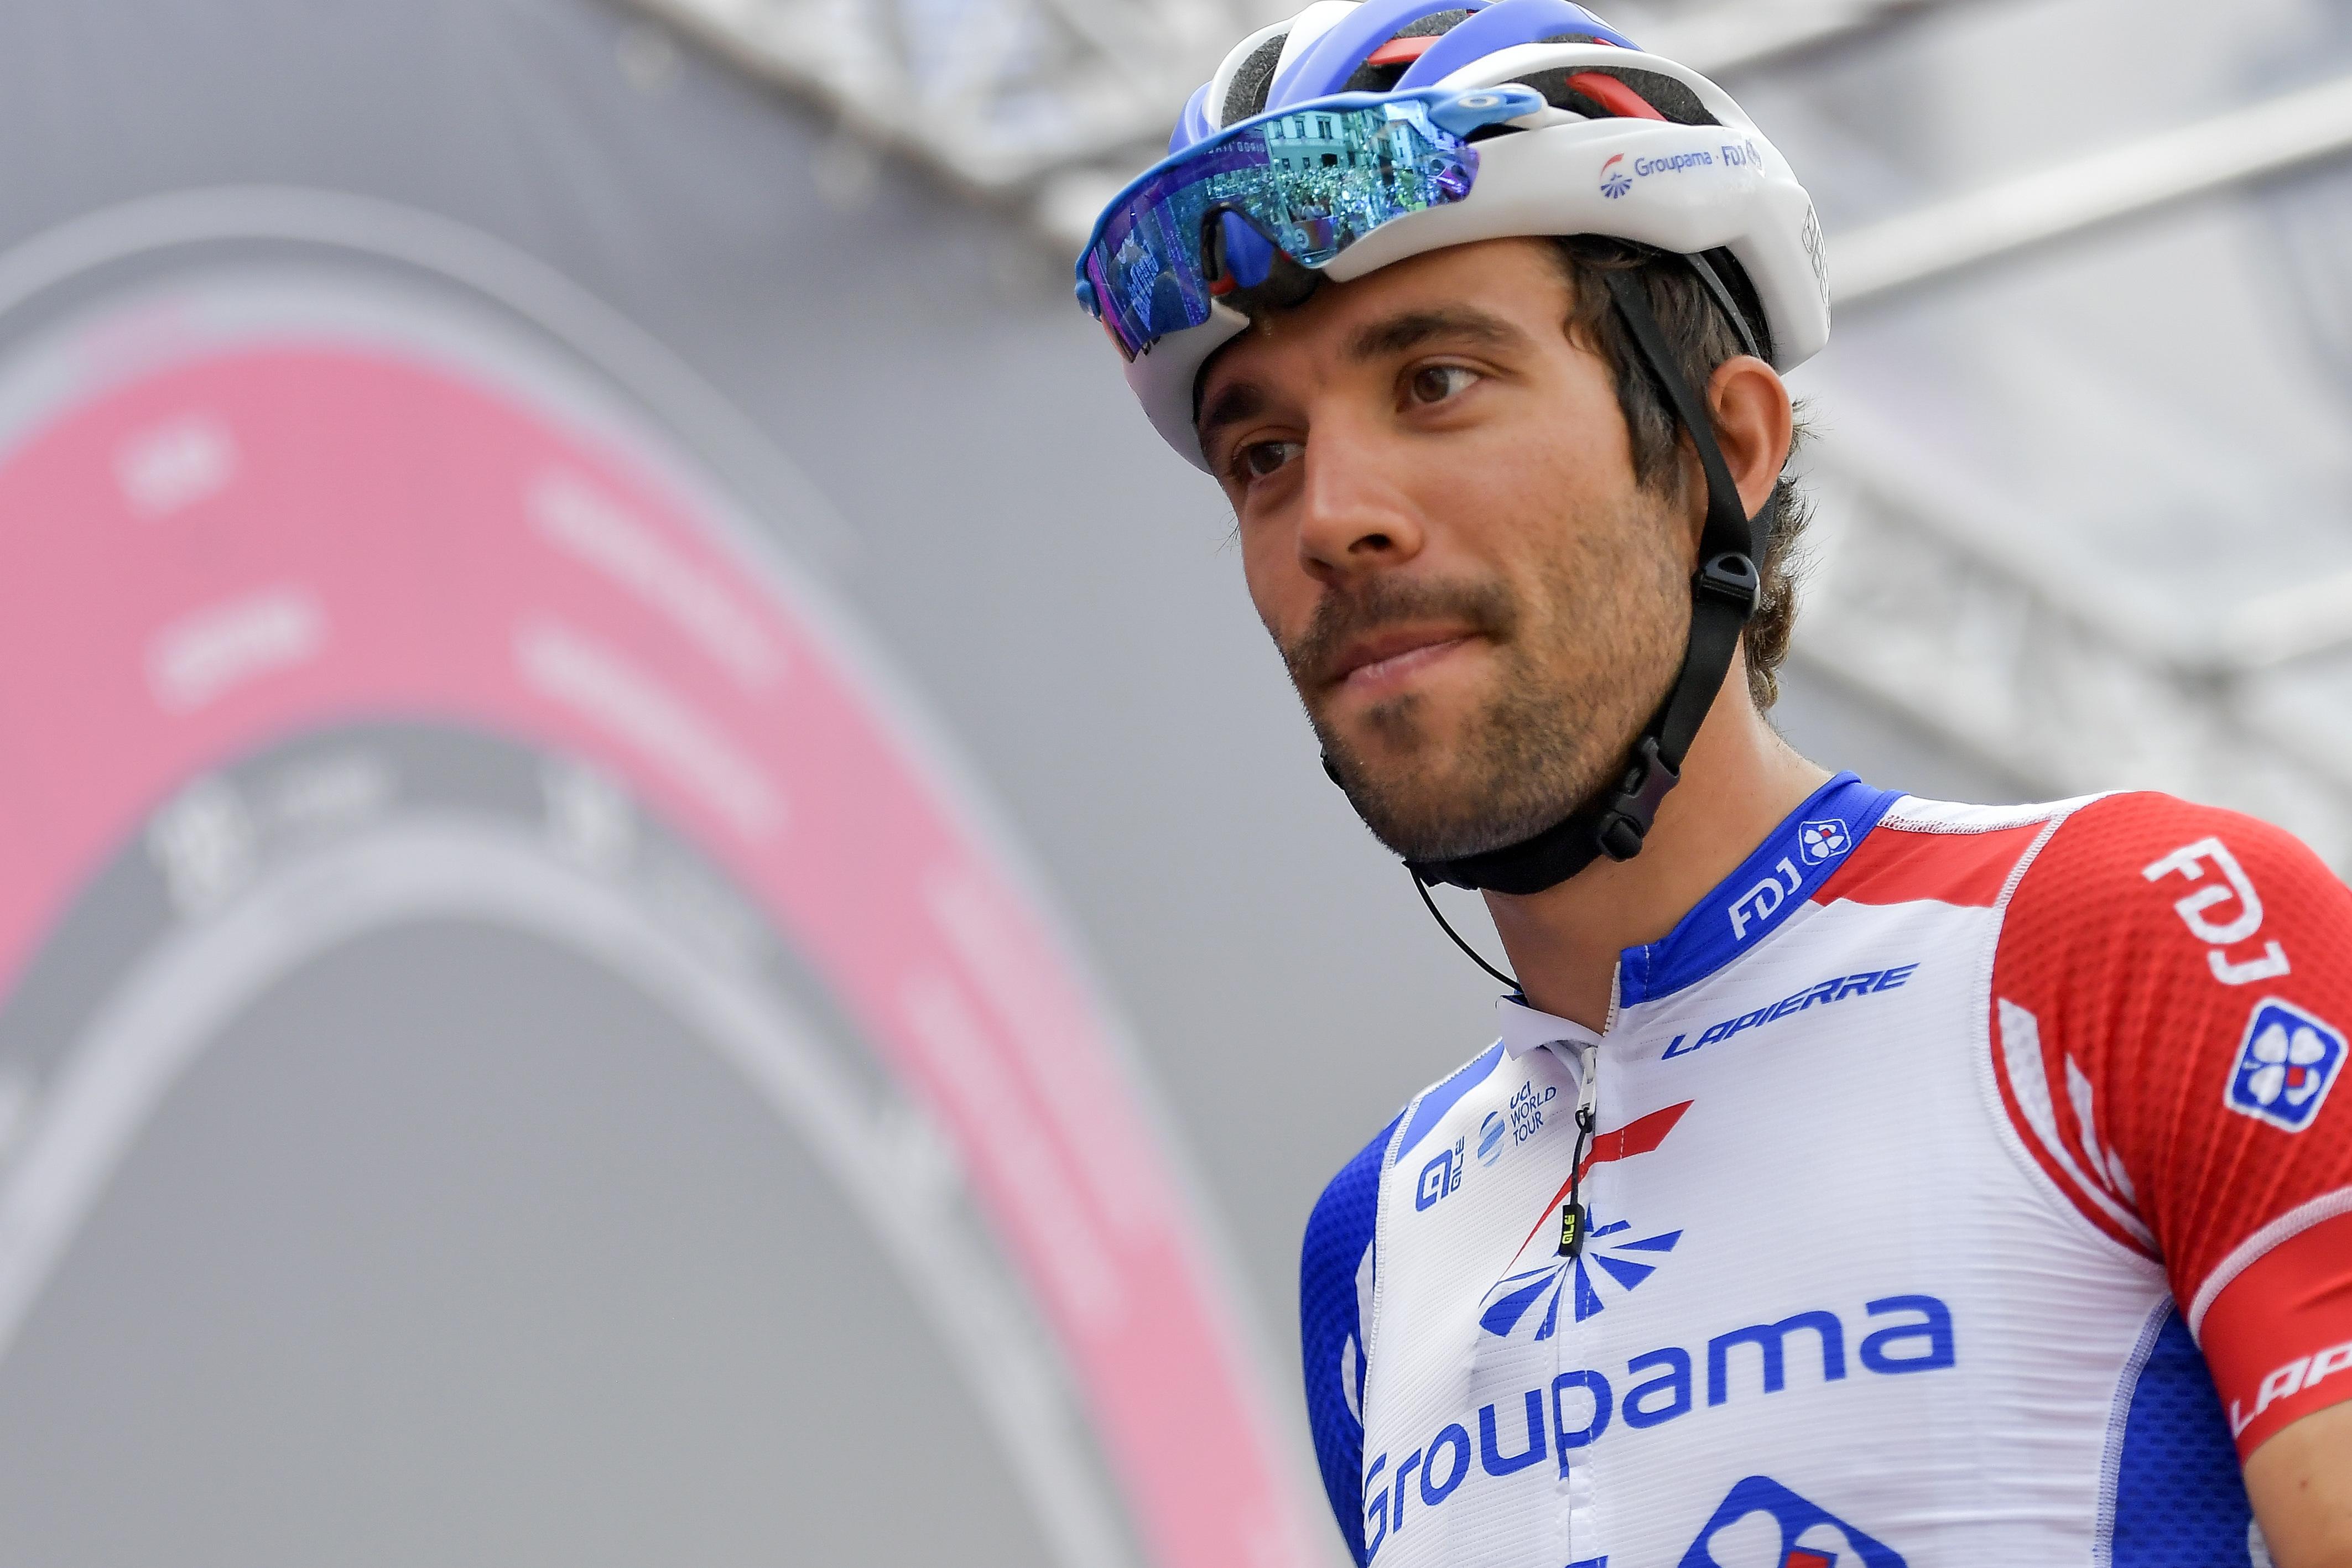 Cyclisme - Le cyclisme français vit-il un nouvel âge d'or ? On en débat